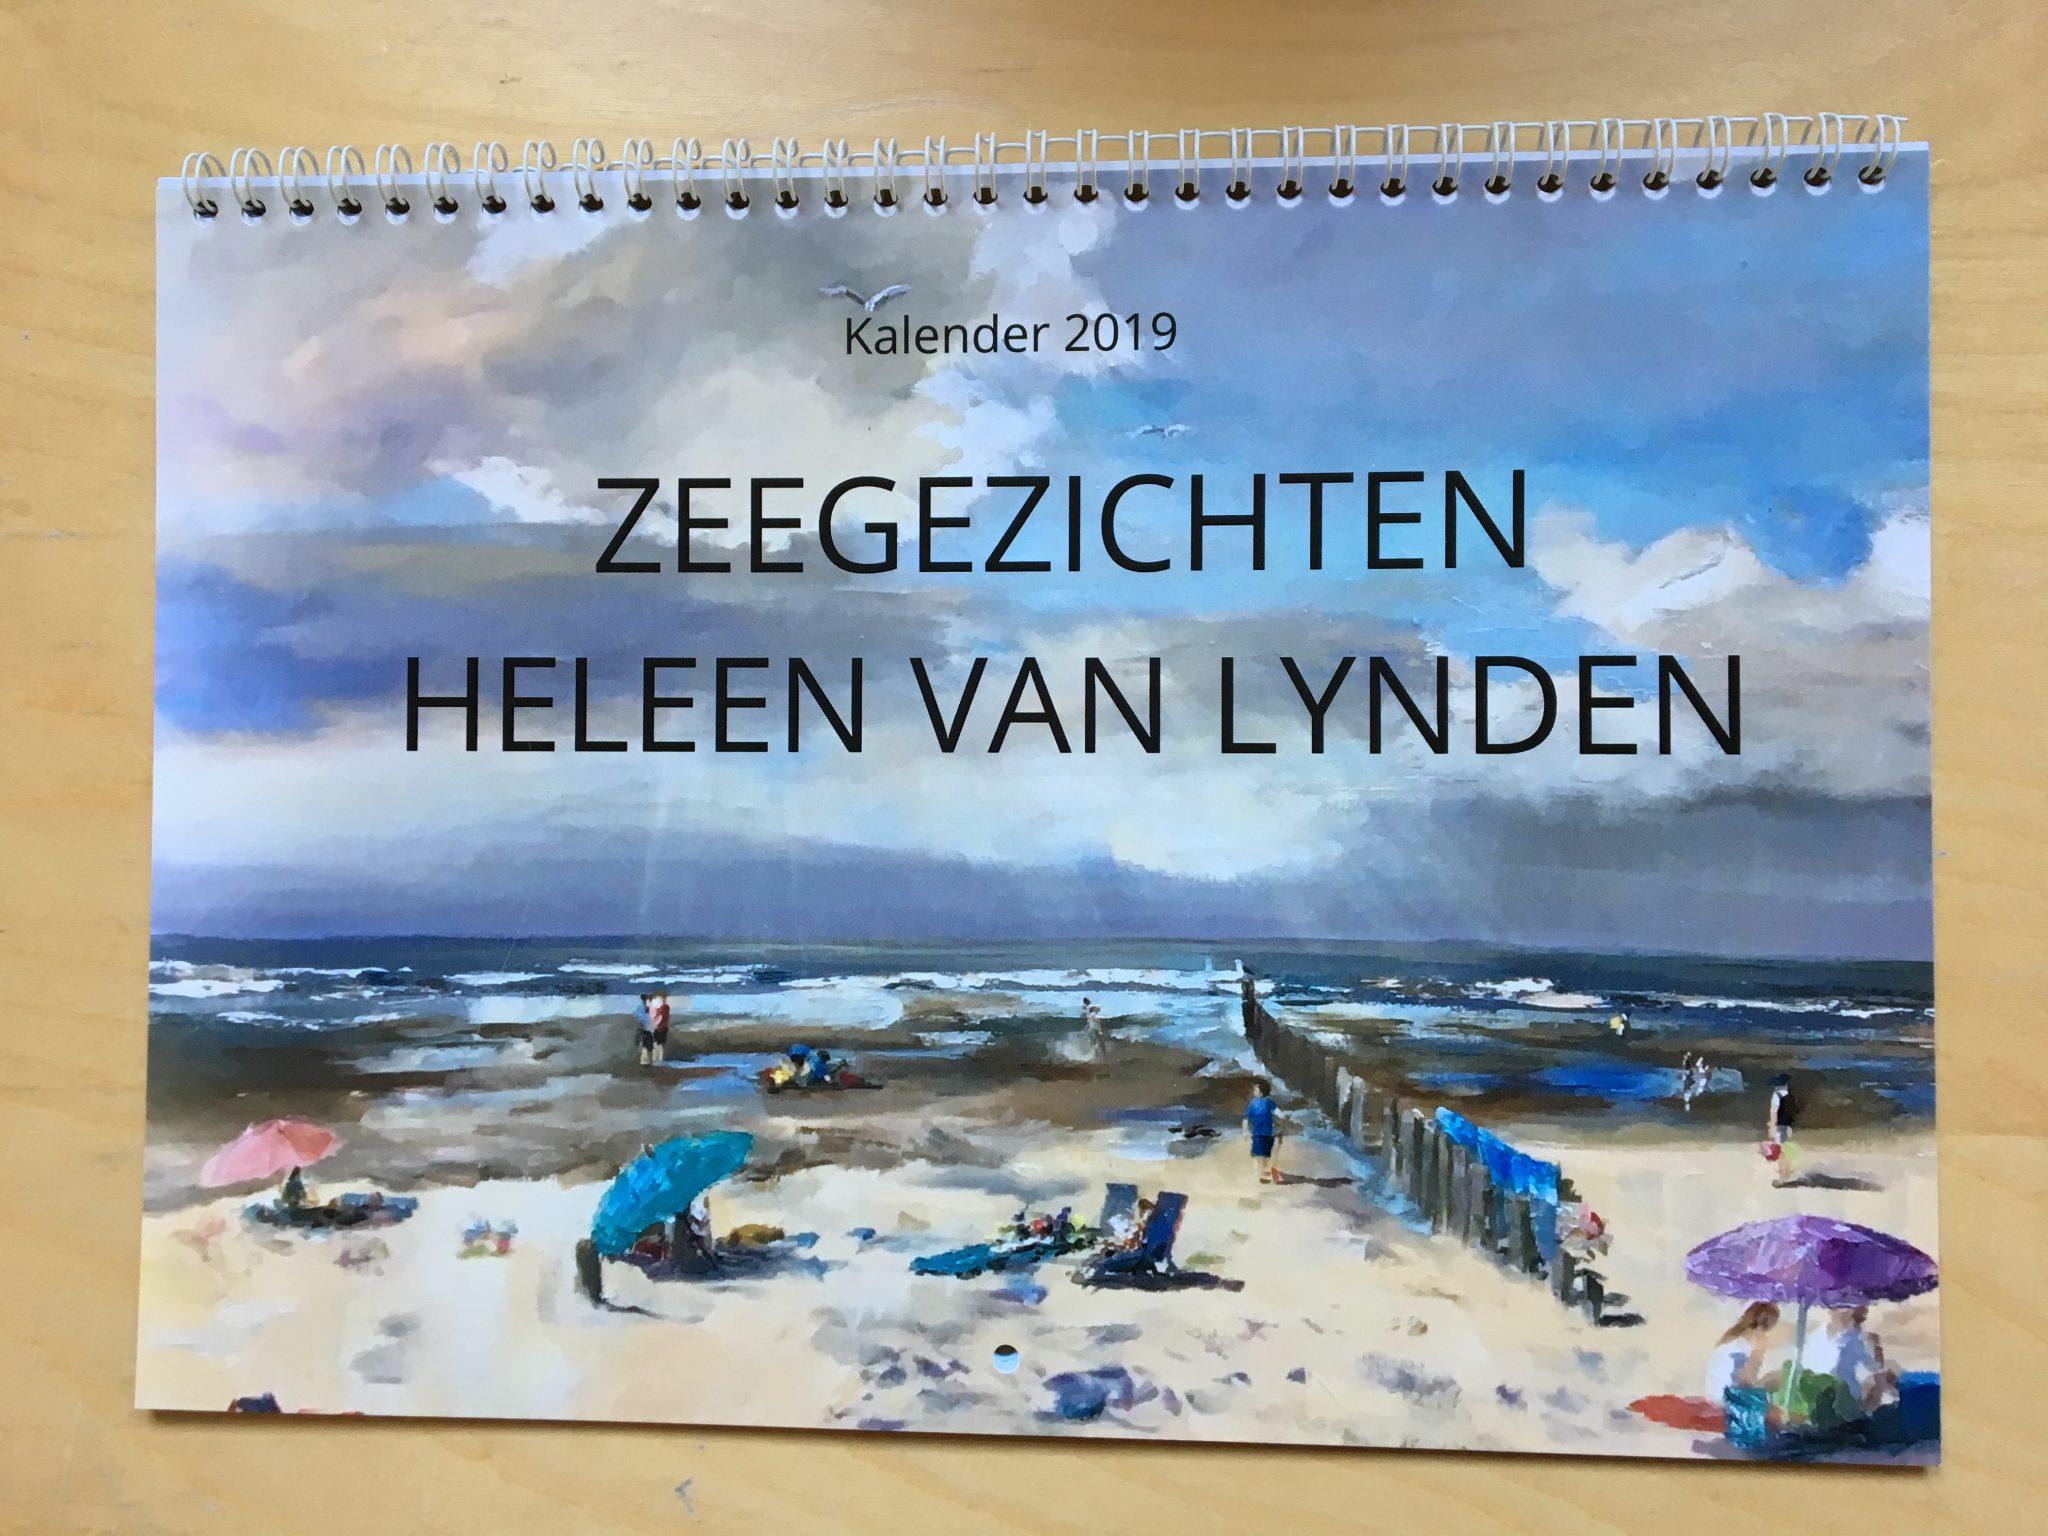 2019 Kalender Heleen van Lynden